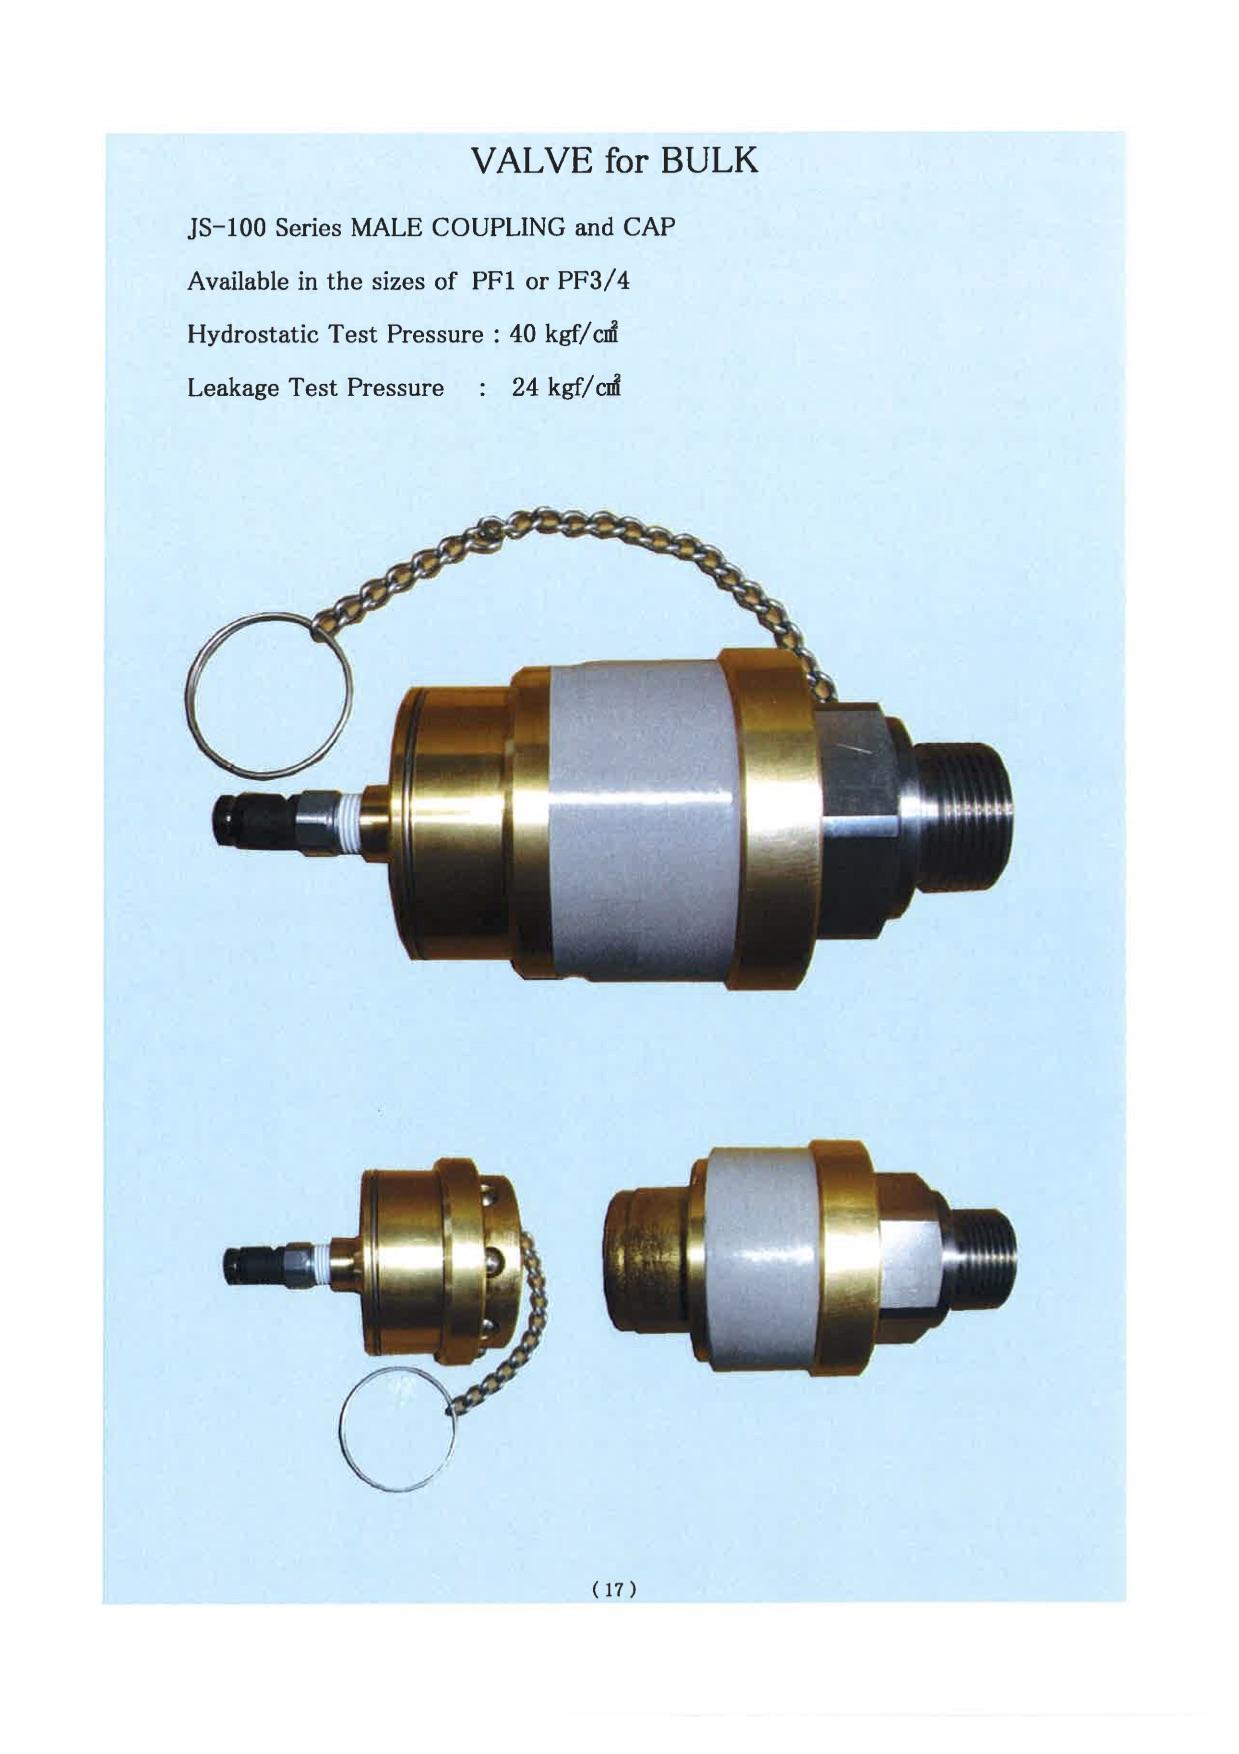 Khớp nối nhanh coupling JSV valve cho xe chở LPG, nạp hệ thống bồn